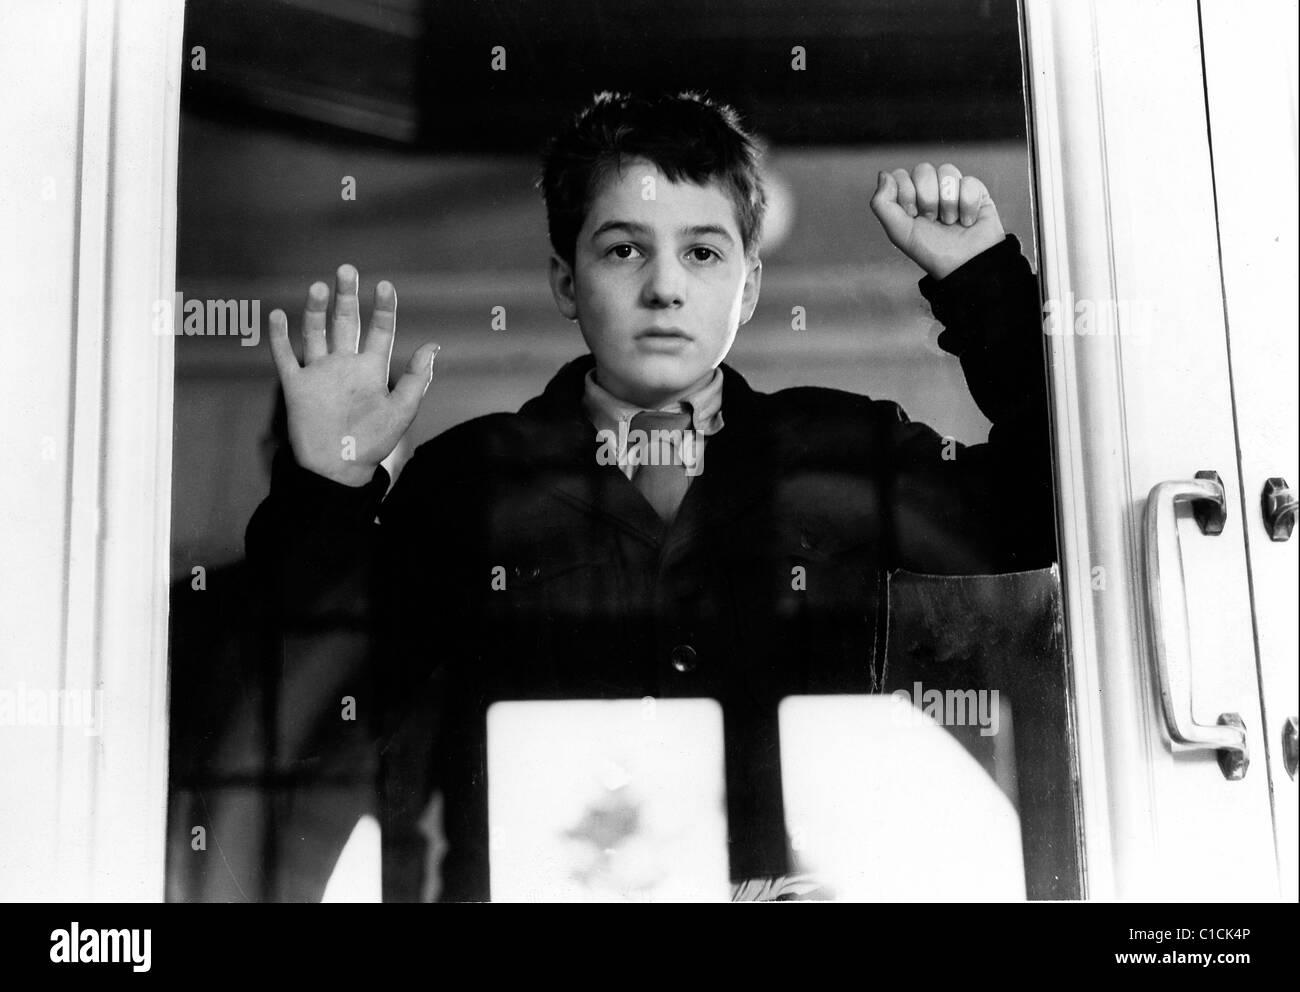 THE 400 BLOWS (1959), LES QUATRE CENTS COUPS (ALT) JEAN-PIERRE LEAUD FRANCOIS TRUFFAUT (DIR) 001 MOVIESTORE COLLECTION - Stock Image